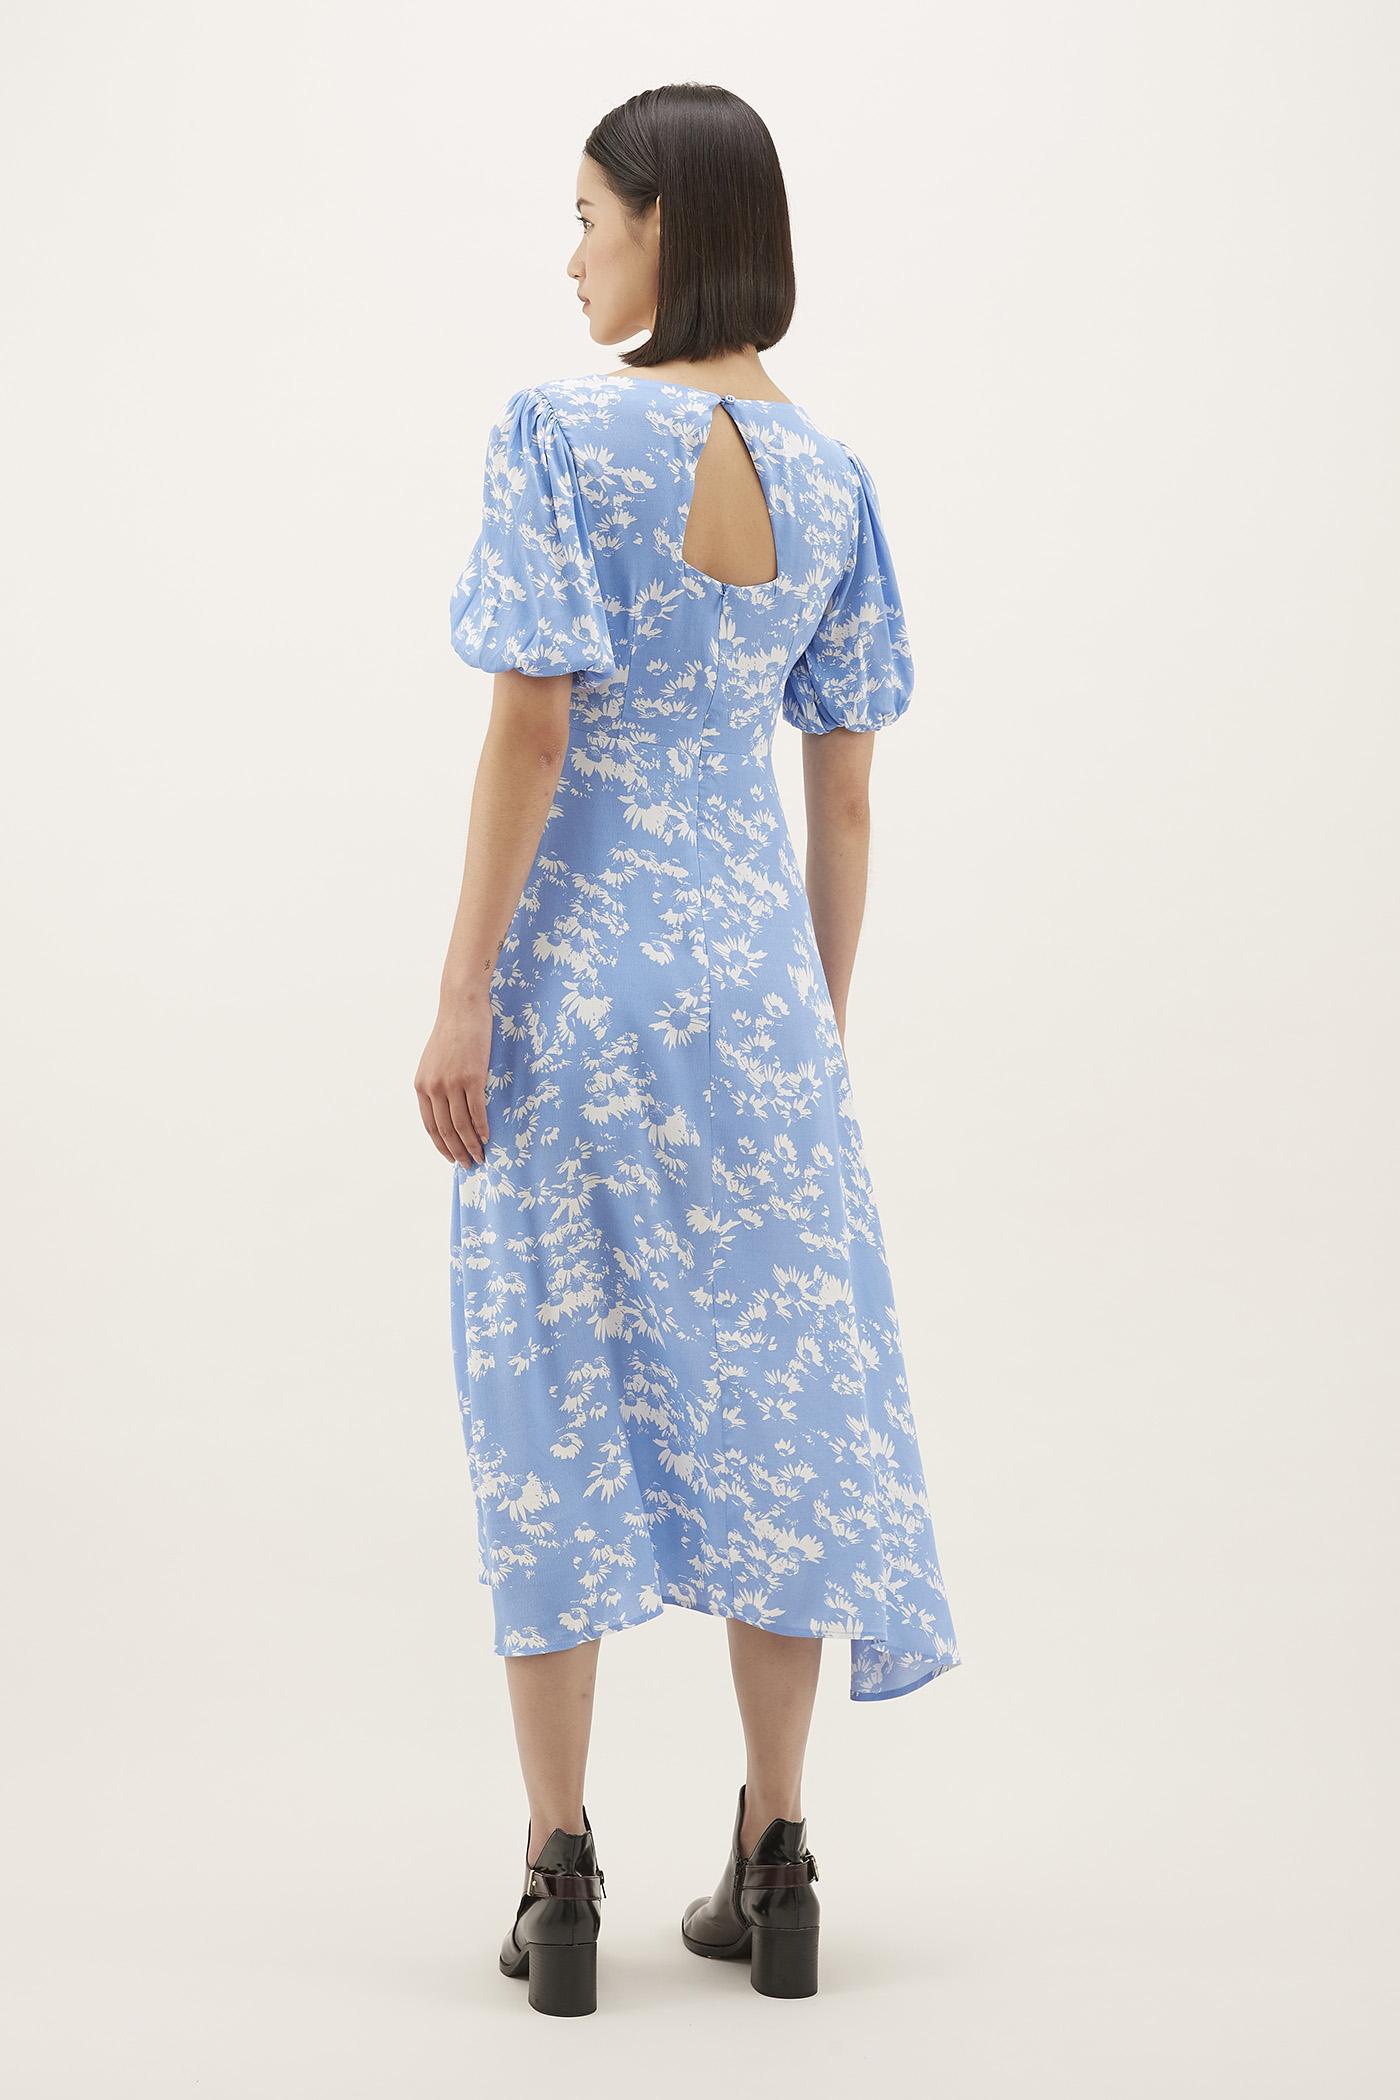 Tressa Cross-front Maxi Dress